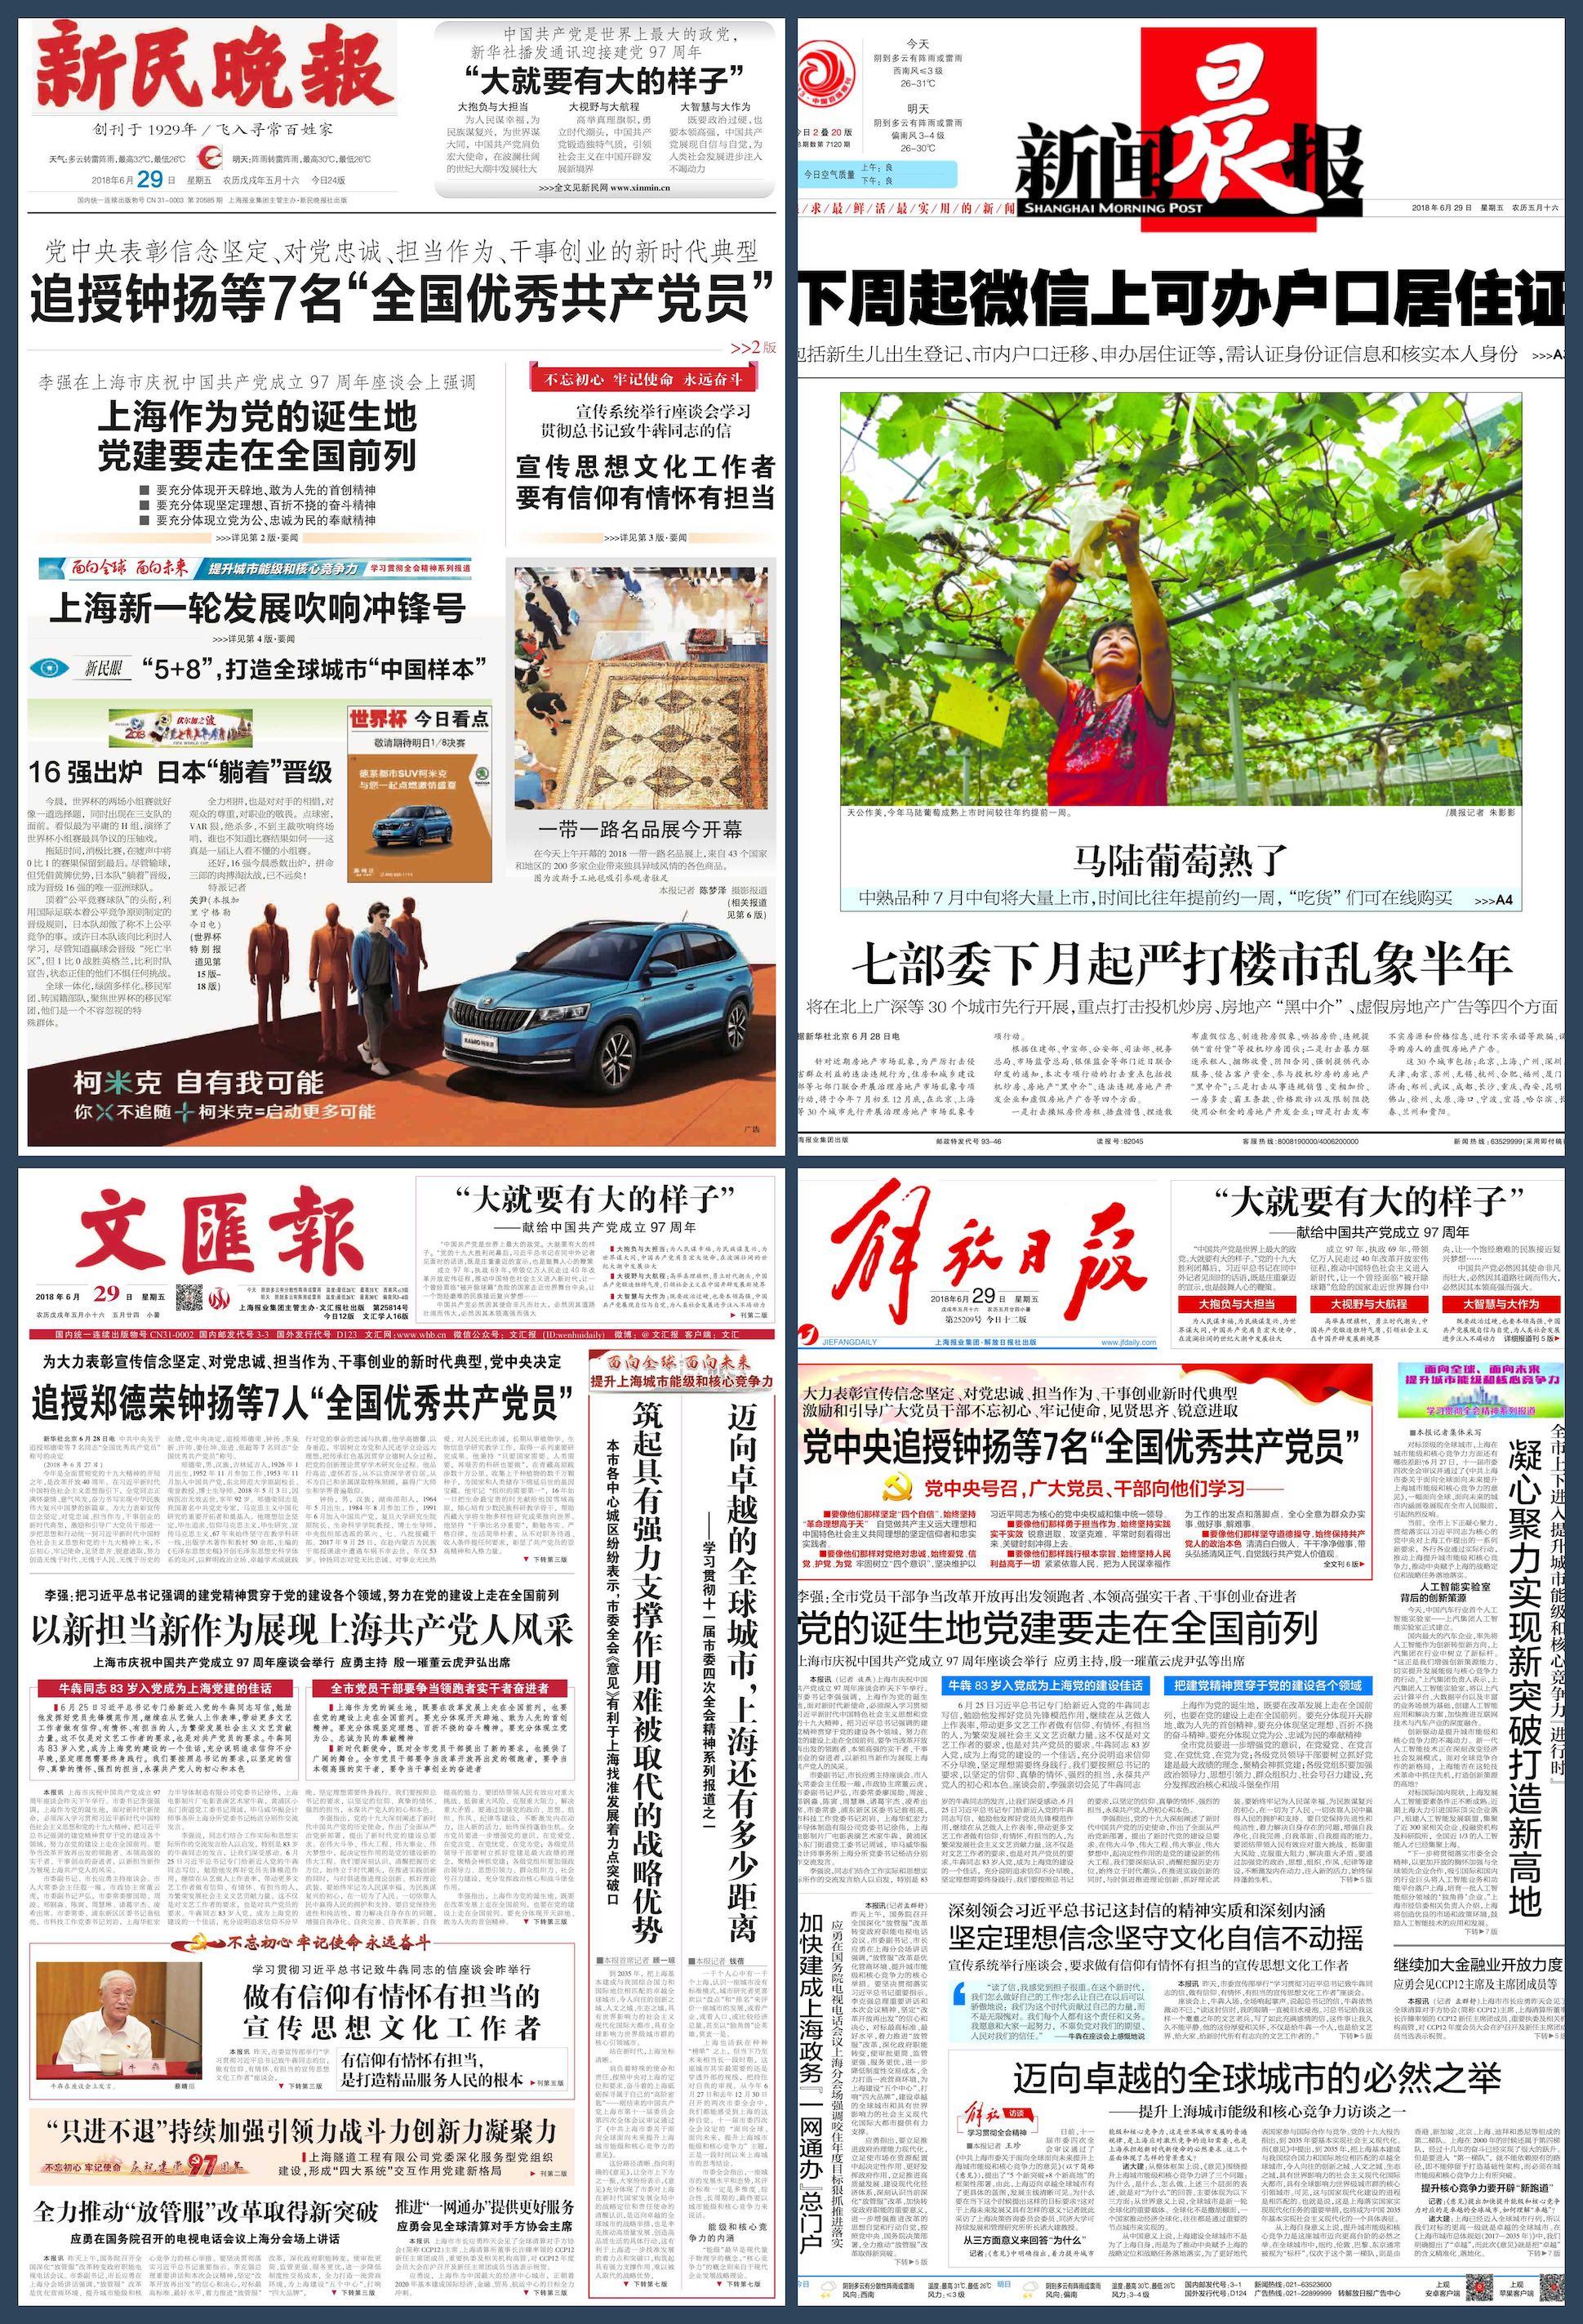 【立此存照】上海小学生被杀案次日:地方报纸只字未提 (更正)